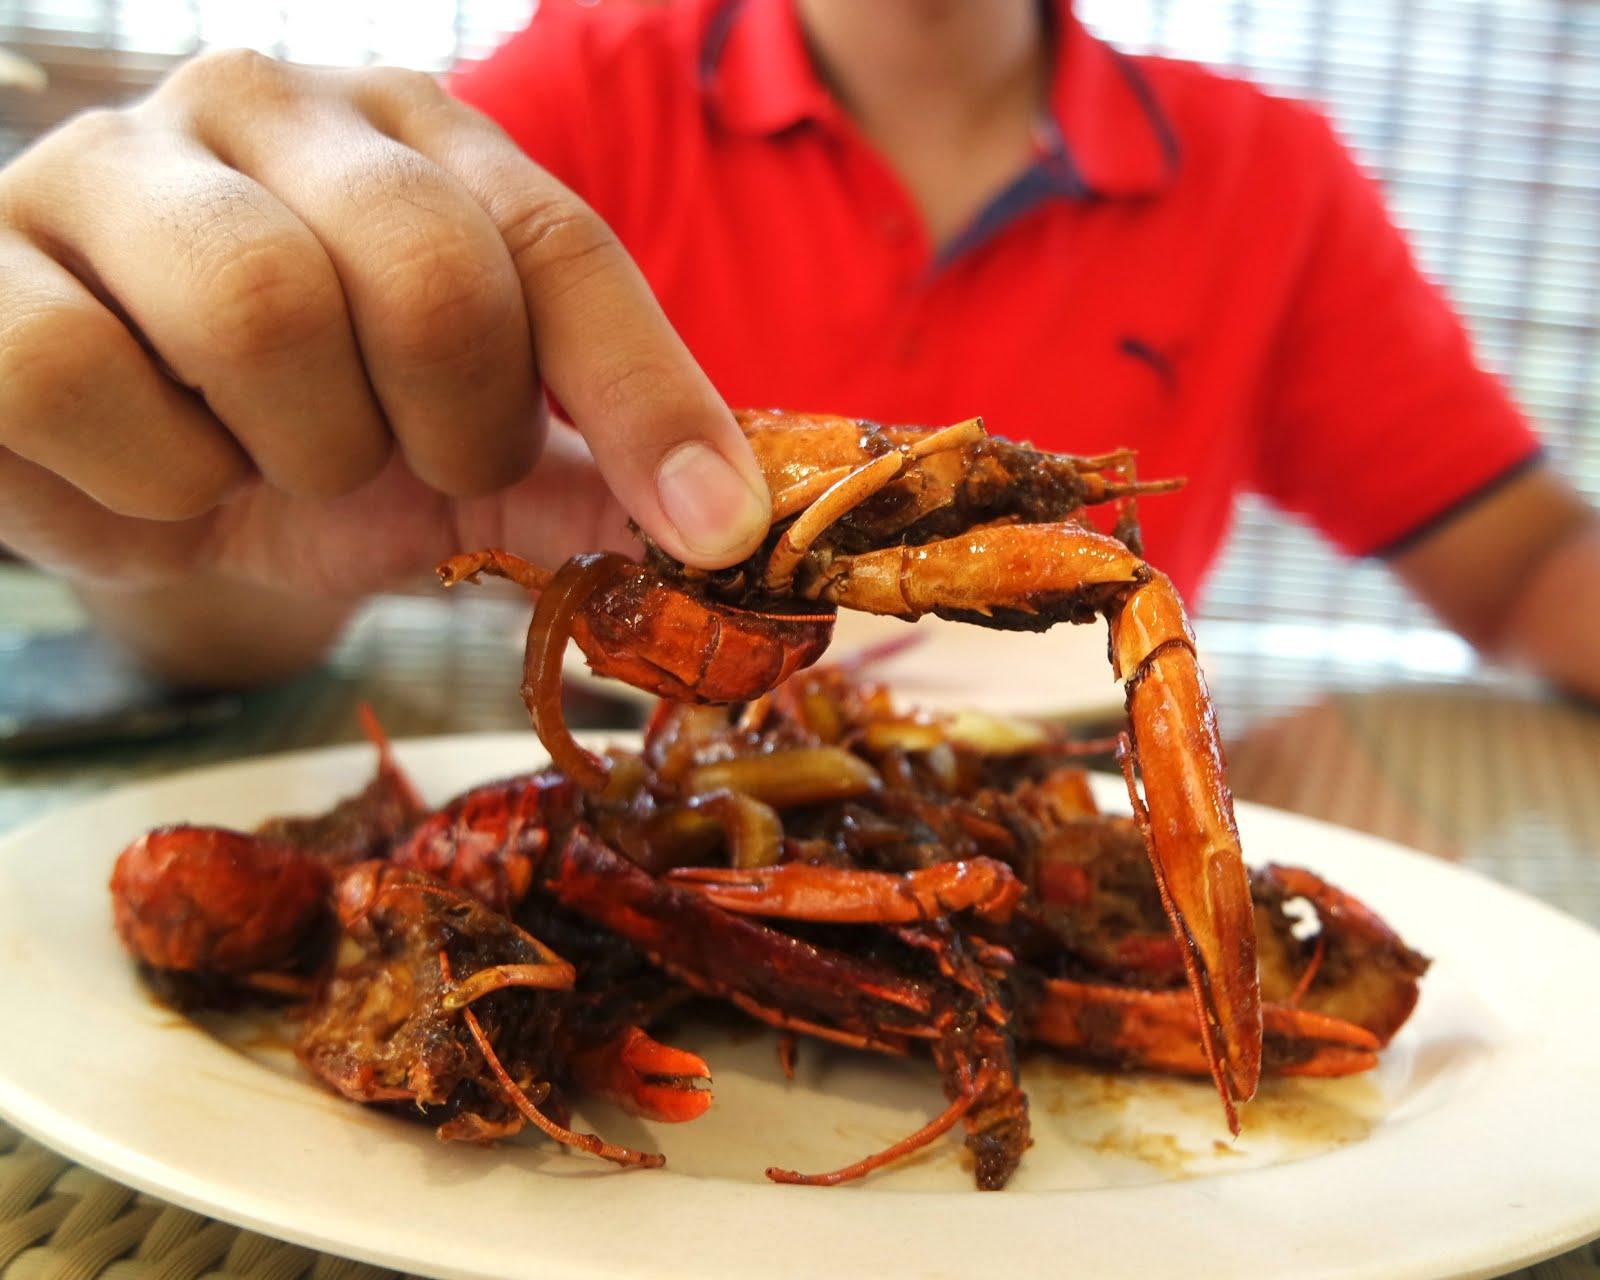 baby-lobster-bandung